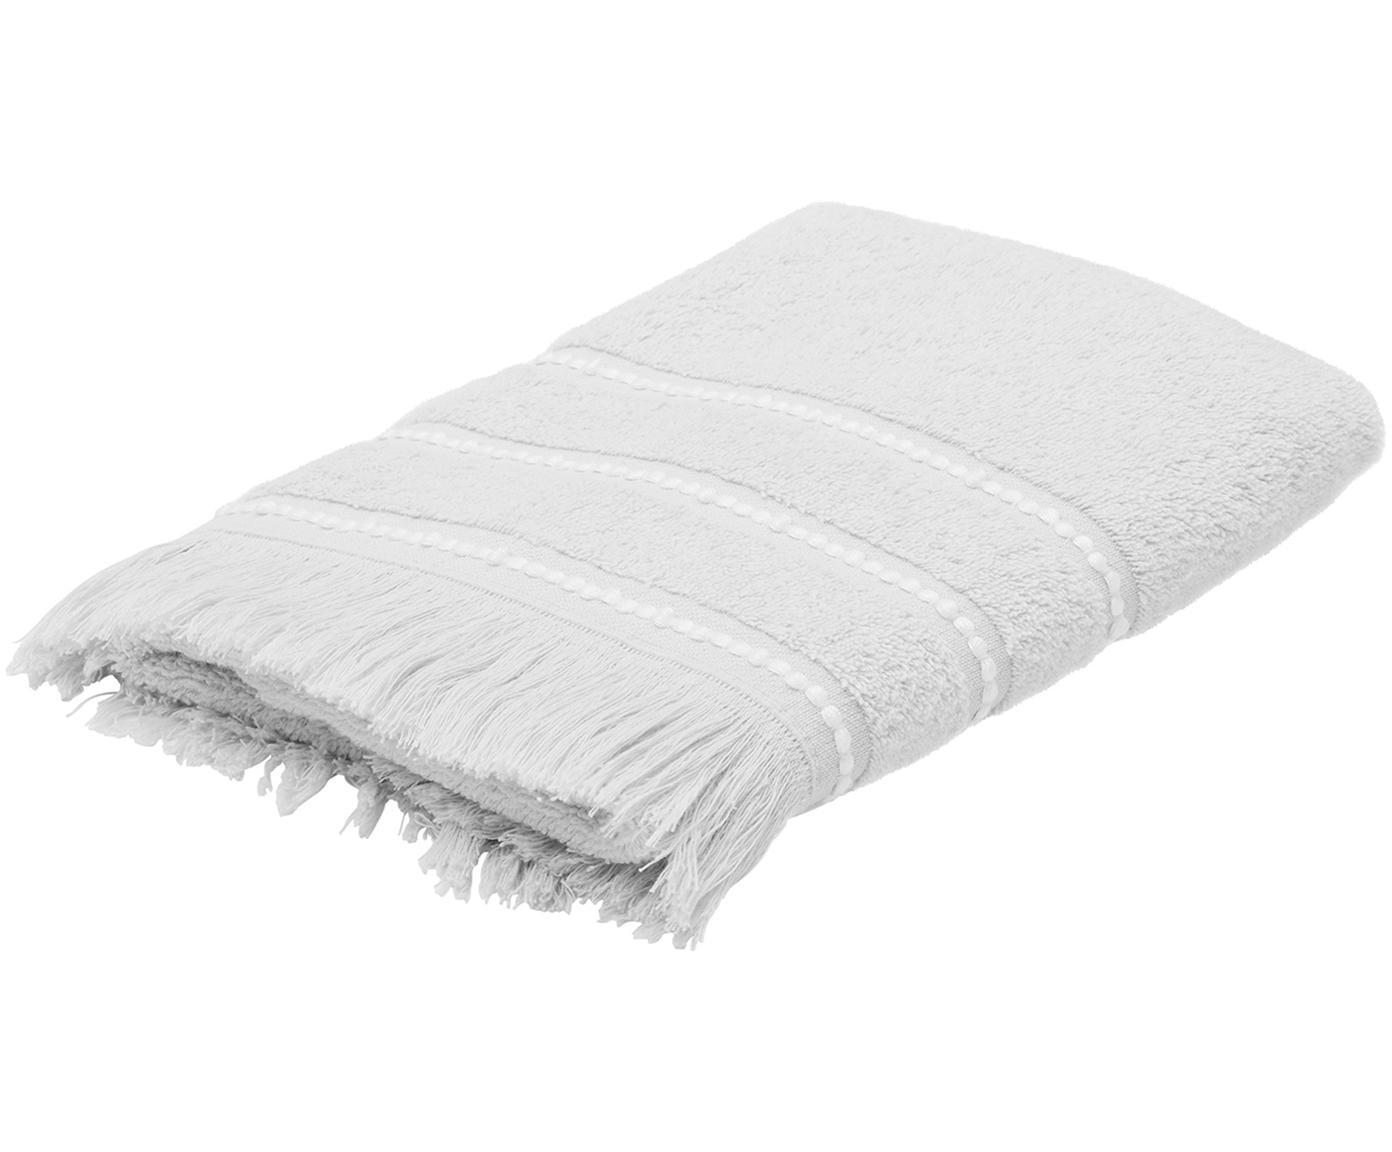 Handtuch Britta mit bestickter Bordüre, Grau/Weiss, Handtuch